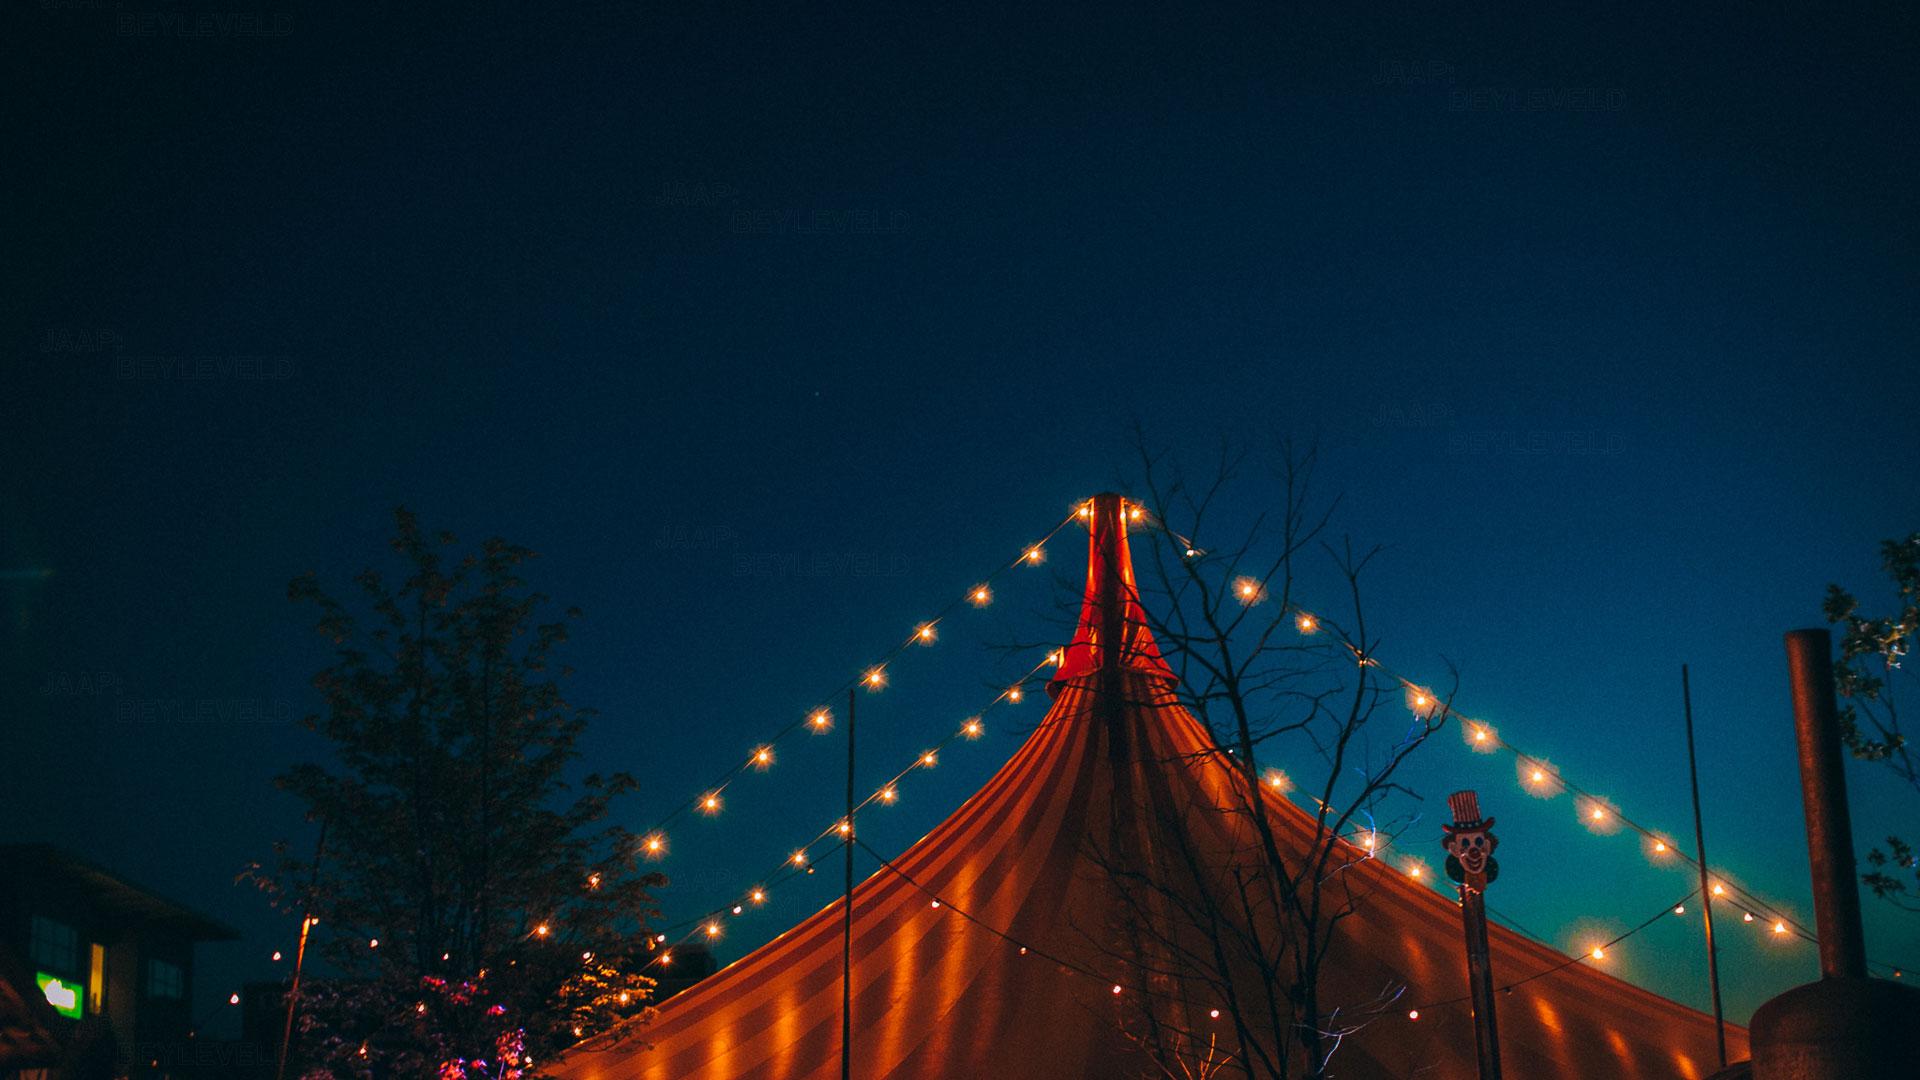 Circustent - Nacht - Thuishaven